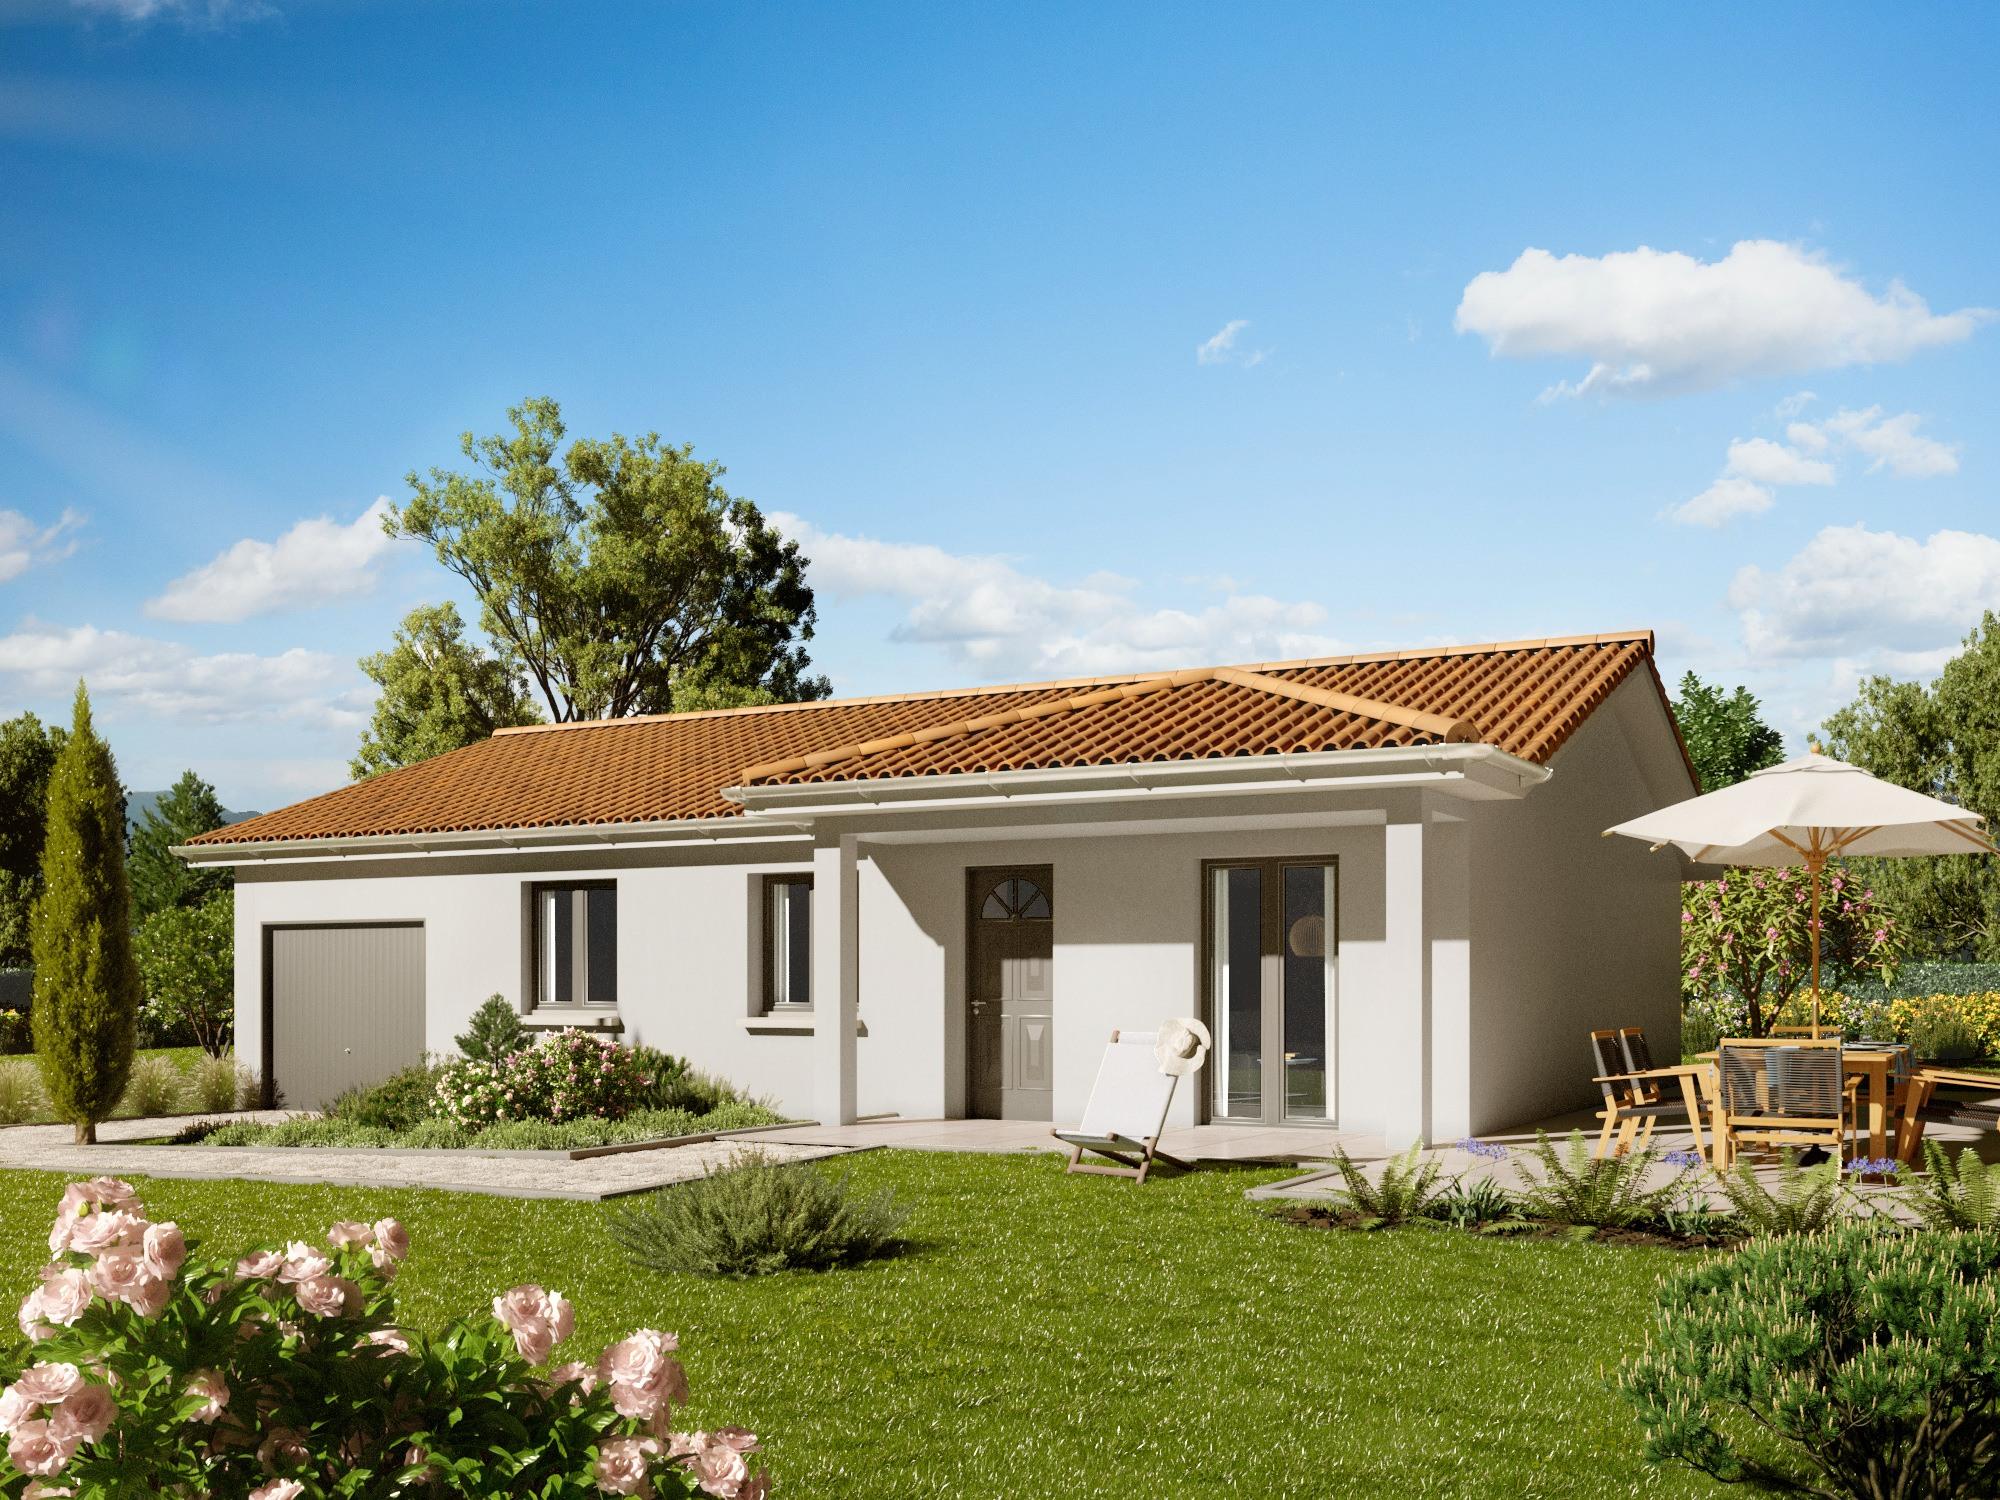 Maisons + Terrains du constructeur MAISONS PUNCH • 100 m² • IGE